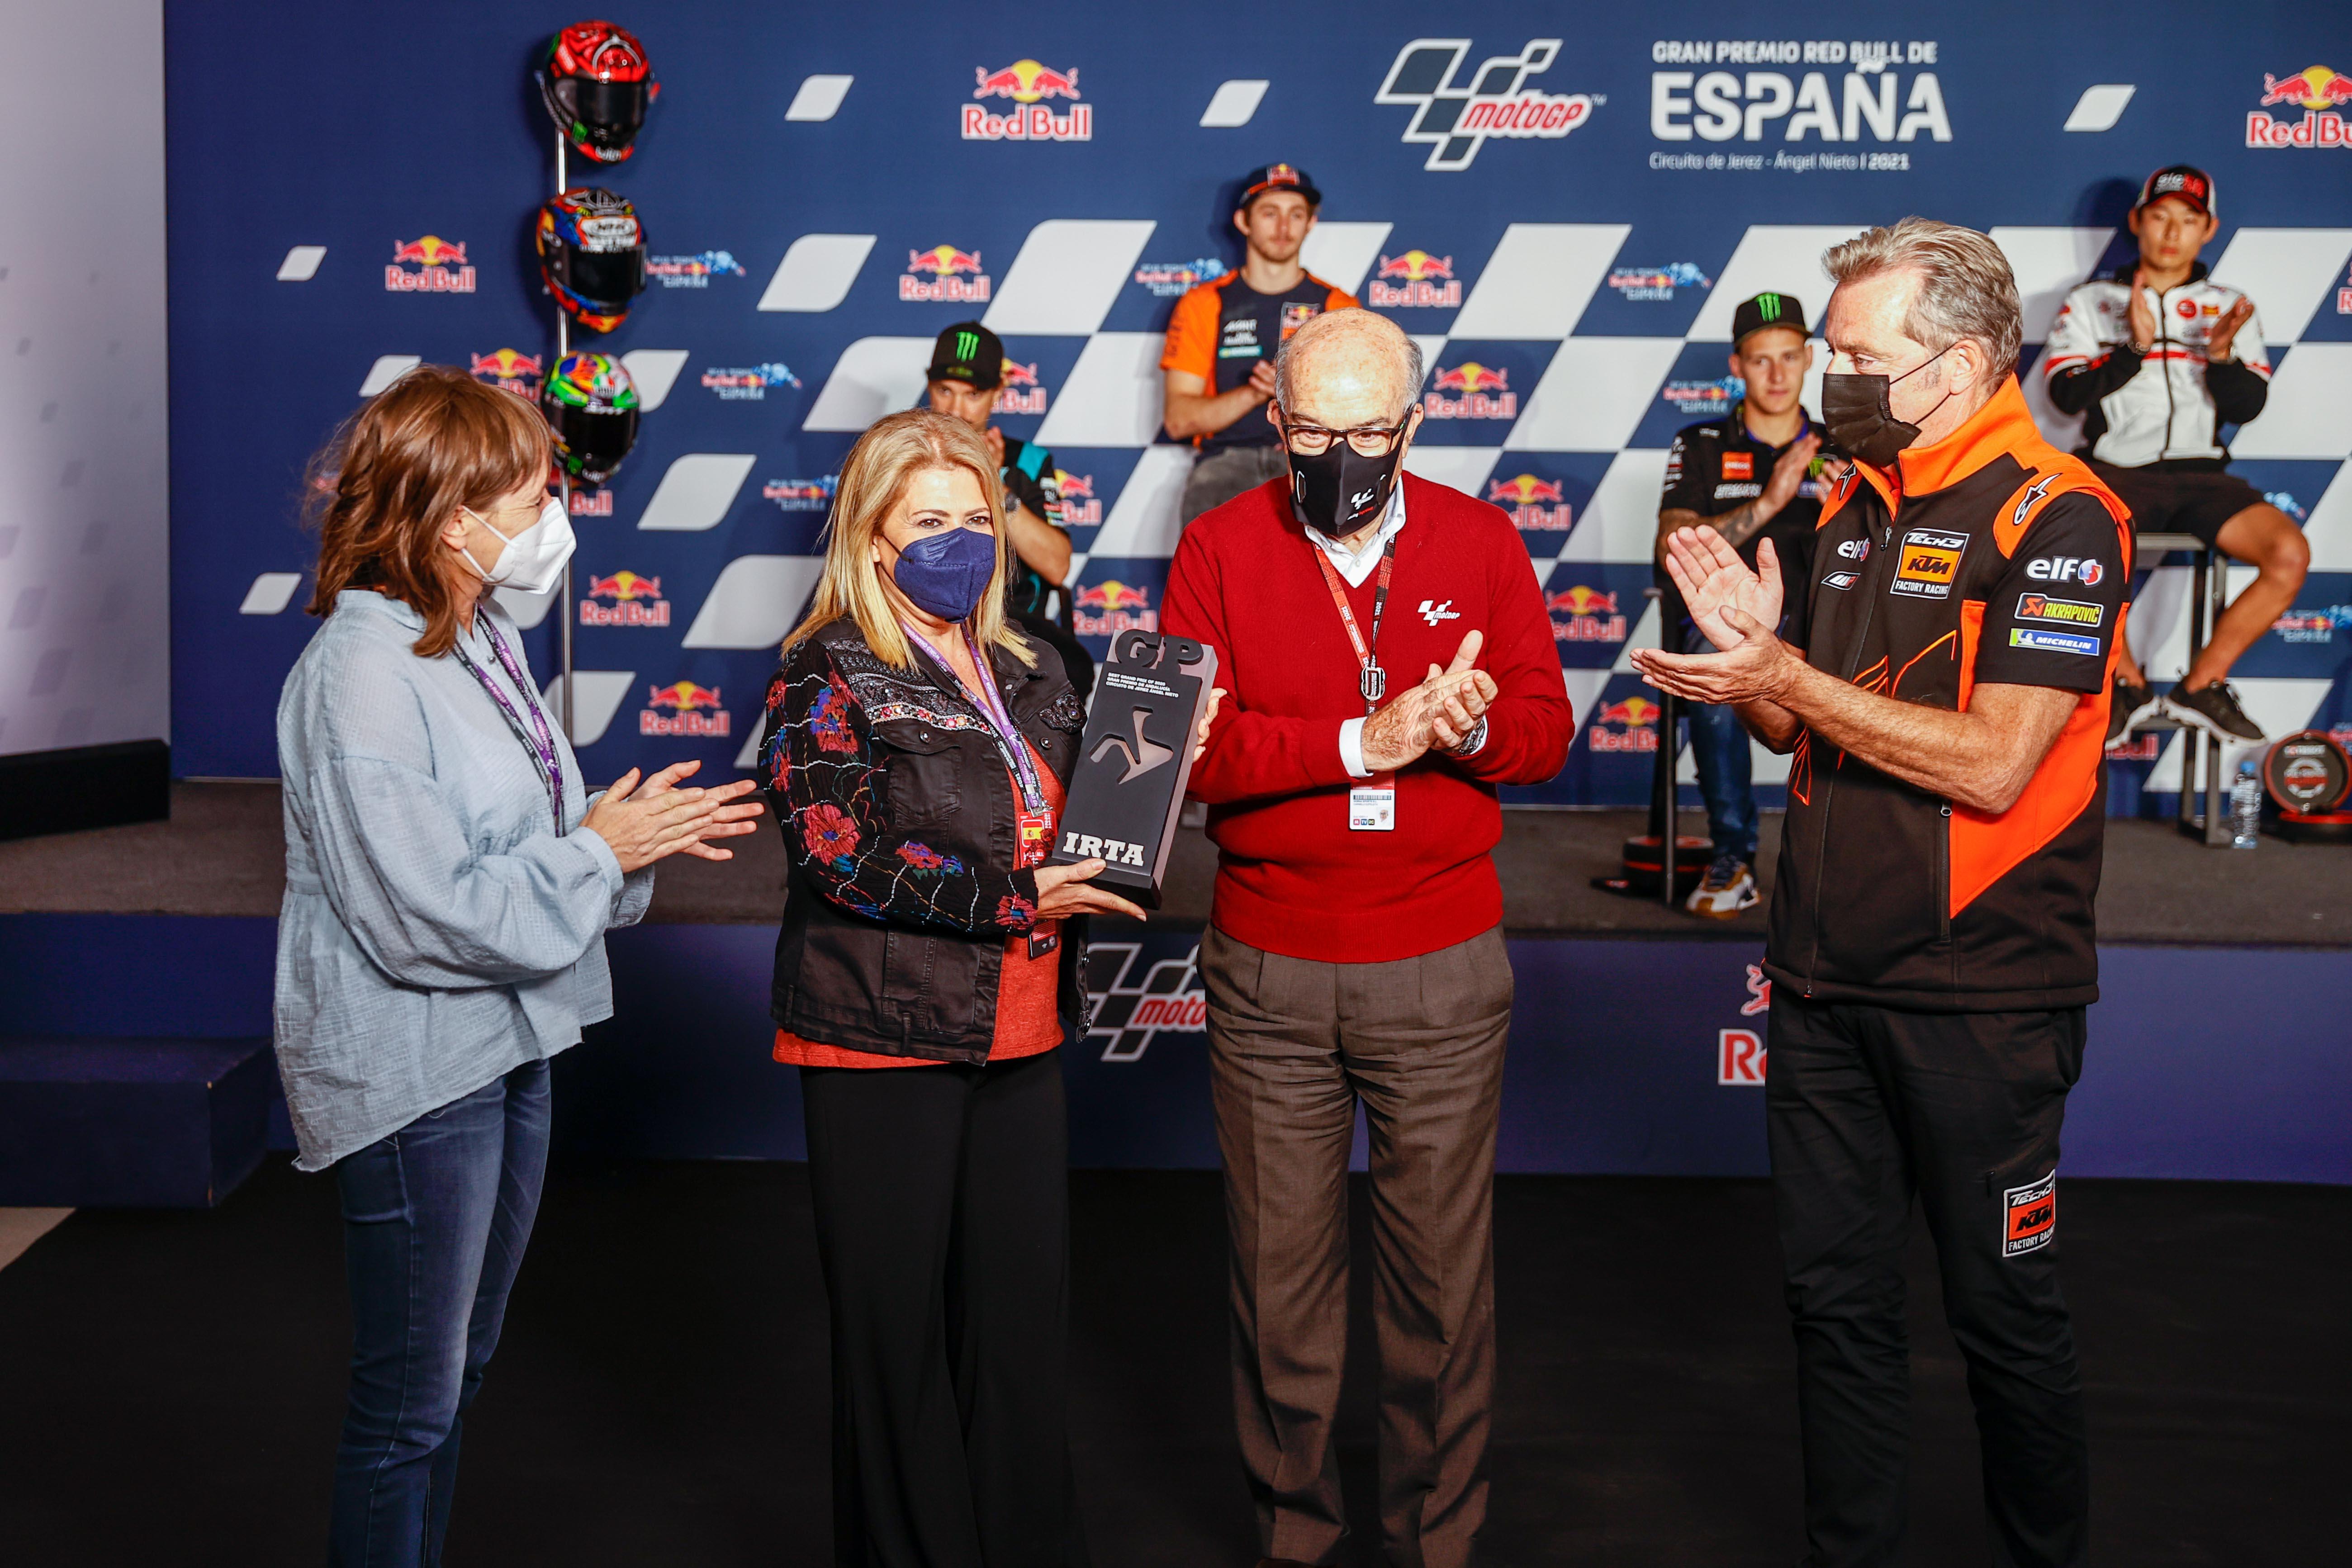 El Circuito de Jerez recibe el premio como mejor trazado de la temporada 2020